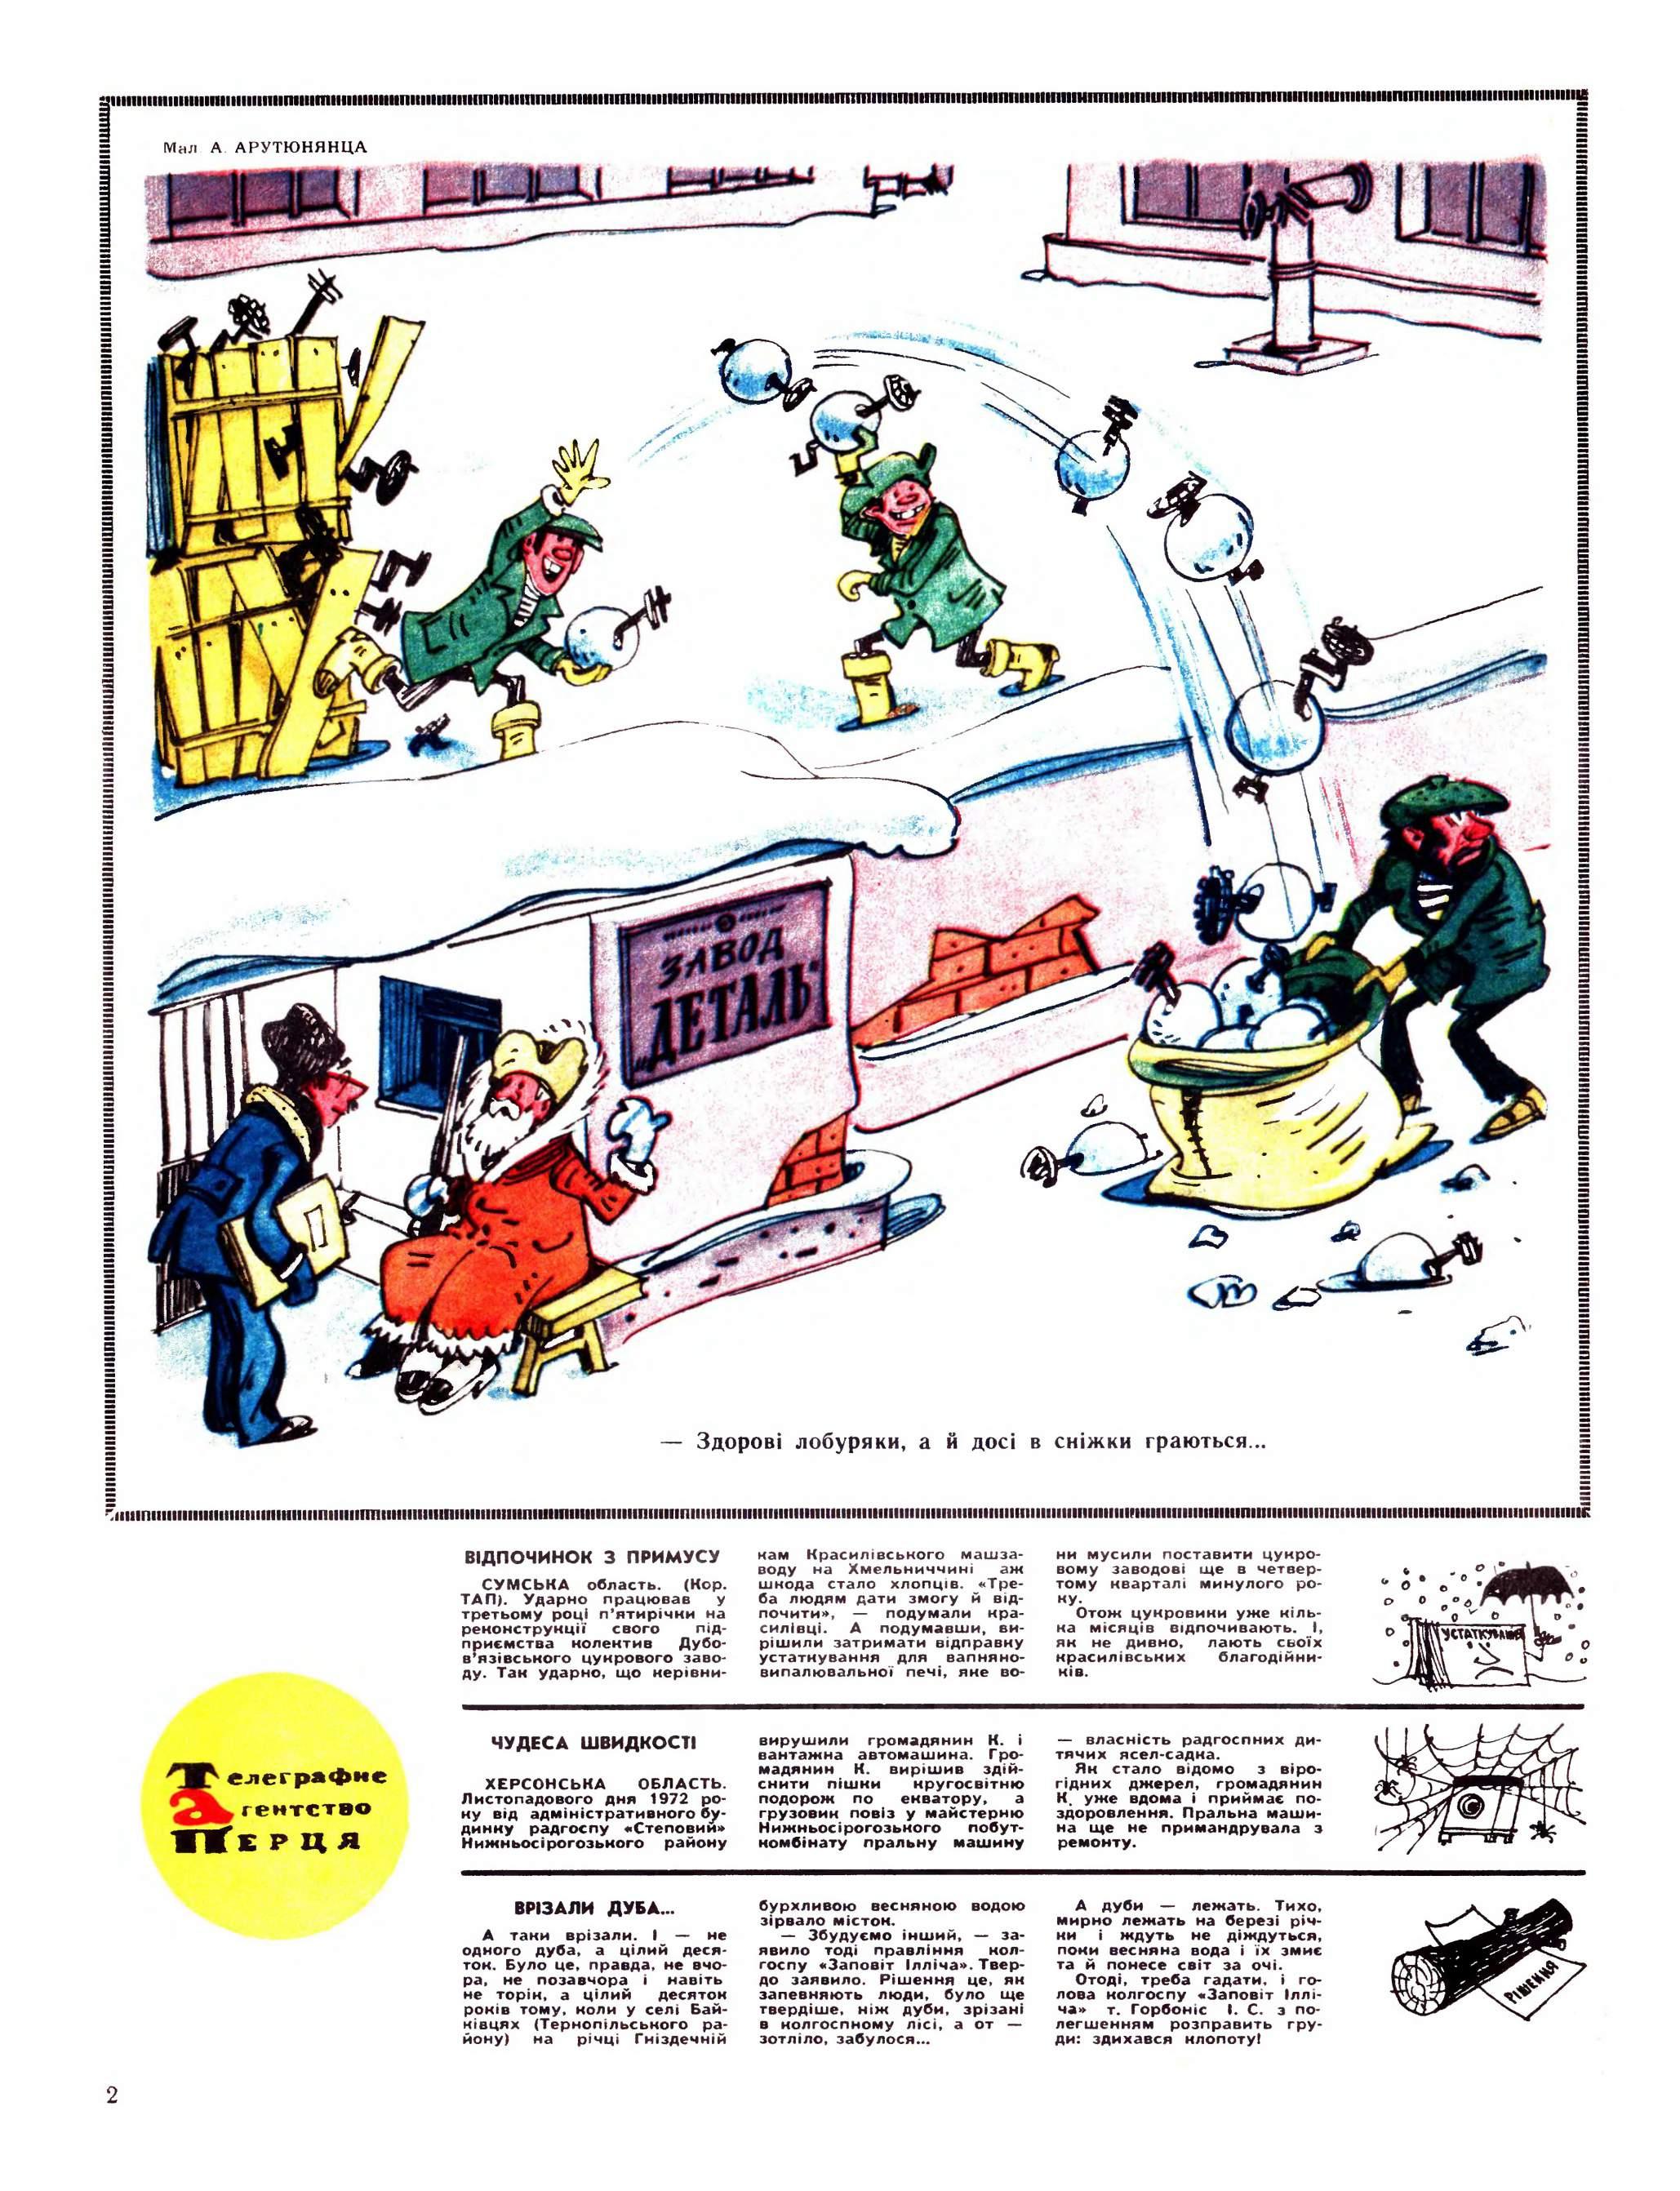 Журнал перець 1974 №04